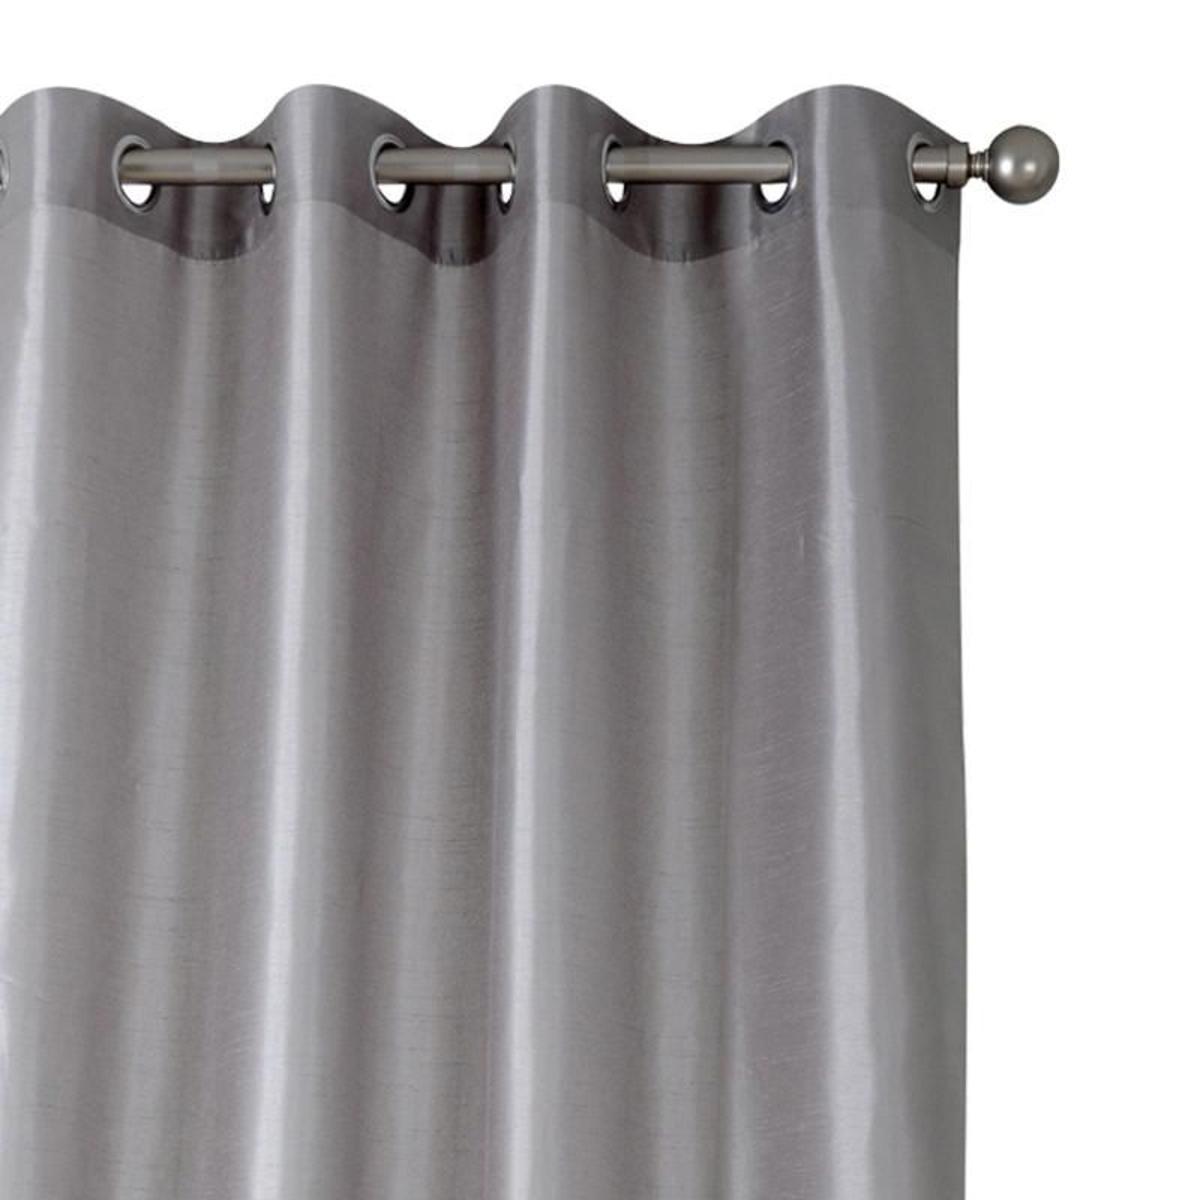 41 sur rideau en lin xxl vendu par la redoute 23903693 - Rideau lin la redoute ...